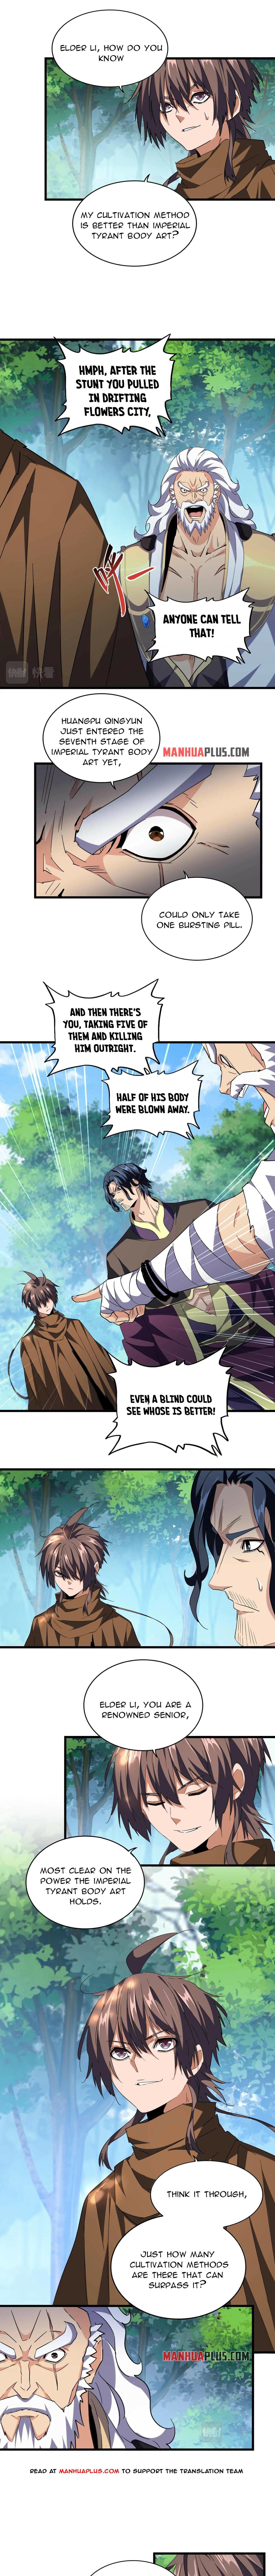 Magic Emperor Chapter 214 page 3 - Mangakakalot